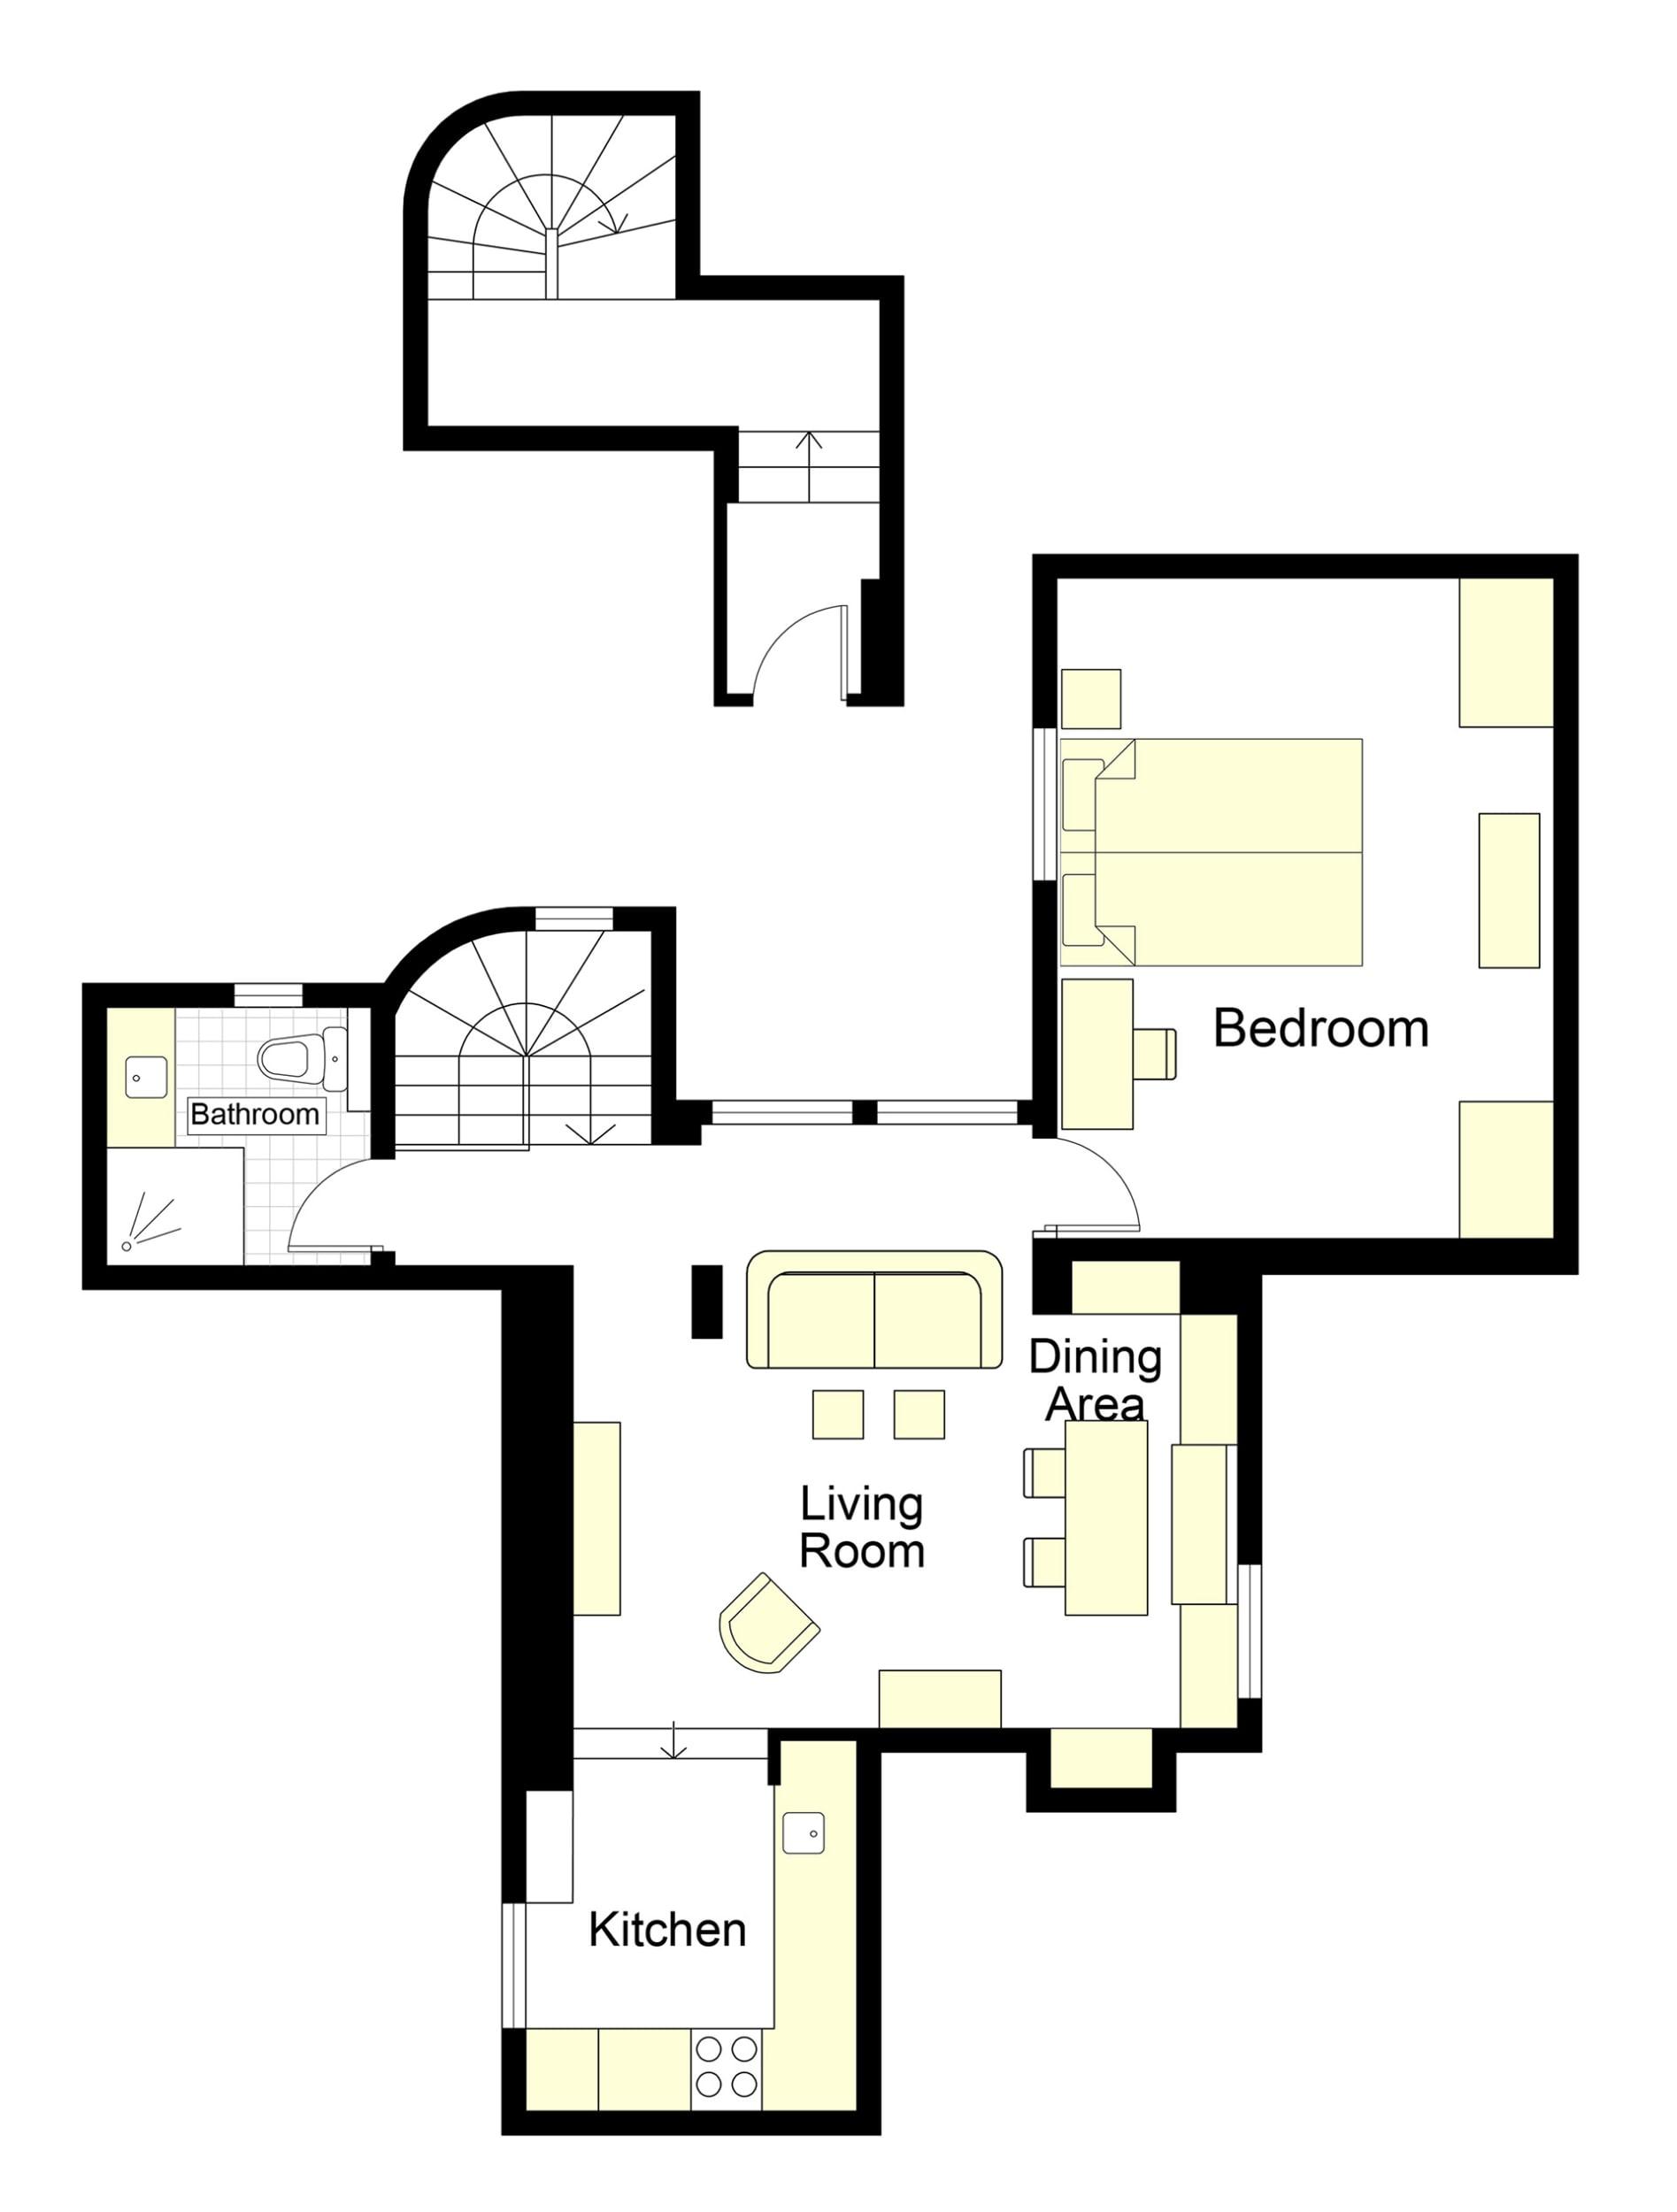 Maranges Floorplan